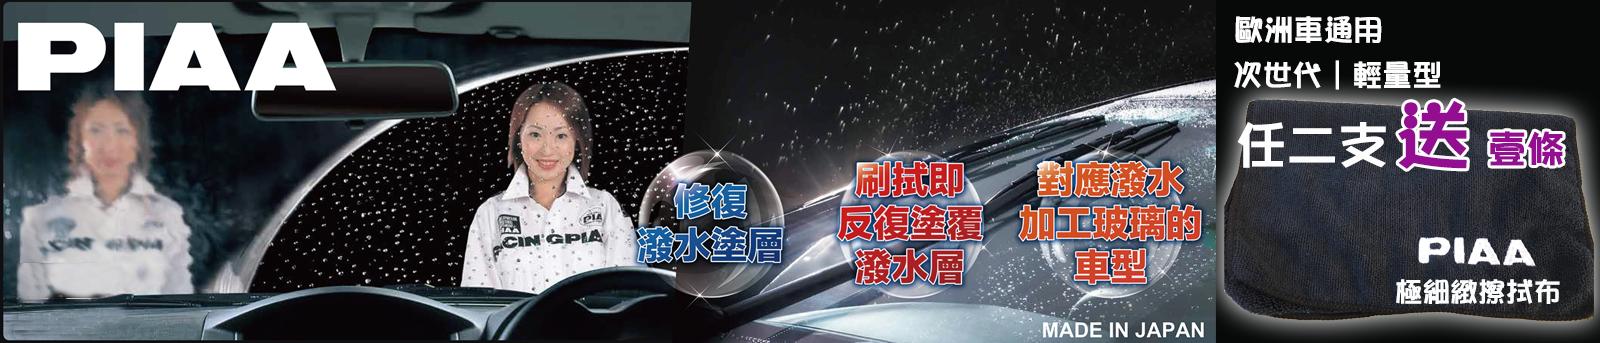 雨季,PIAA雨刷,梅雨季節,潑水雨刷,指定款送極細纖維擦拭布